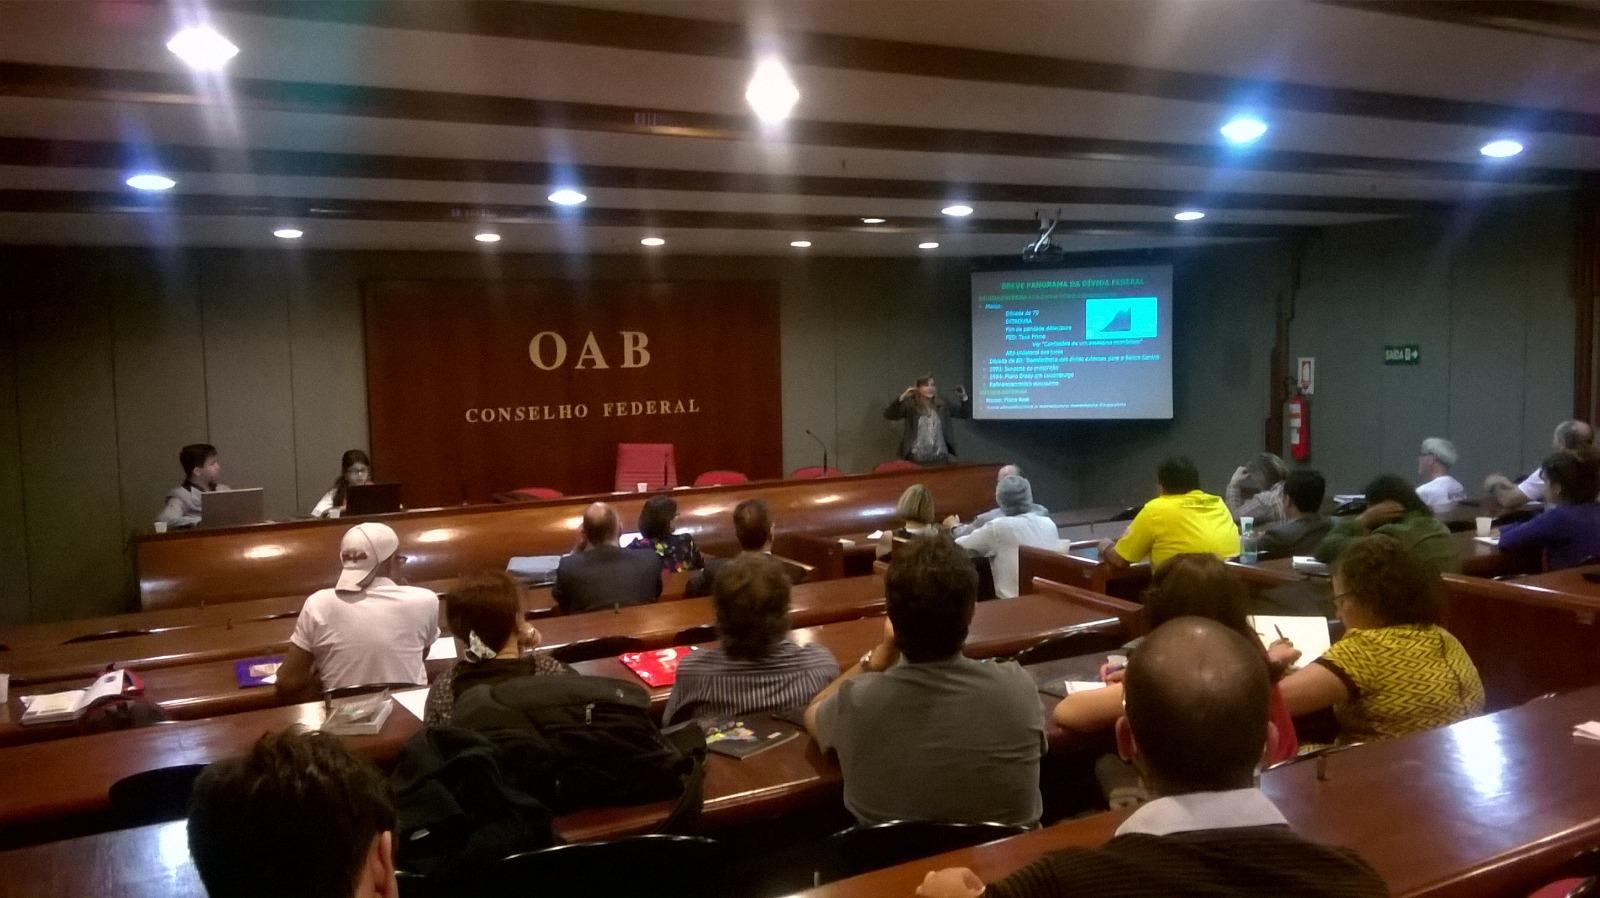 Reunião Dívida Pública em Brasília II 26-07-16